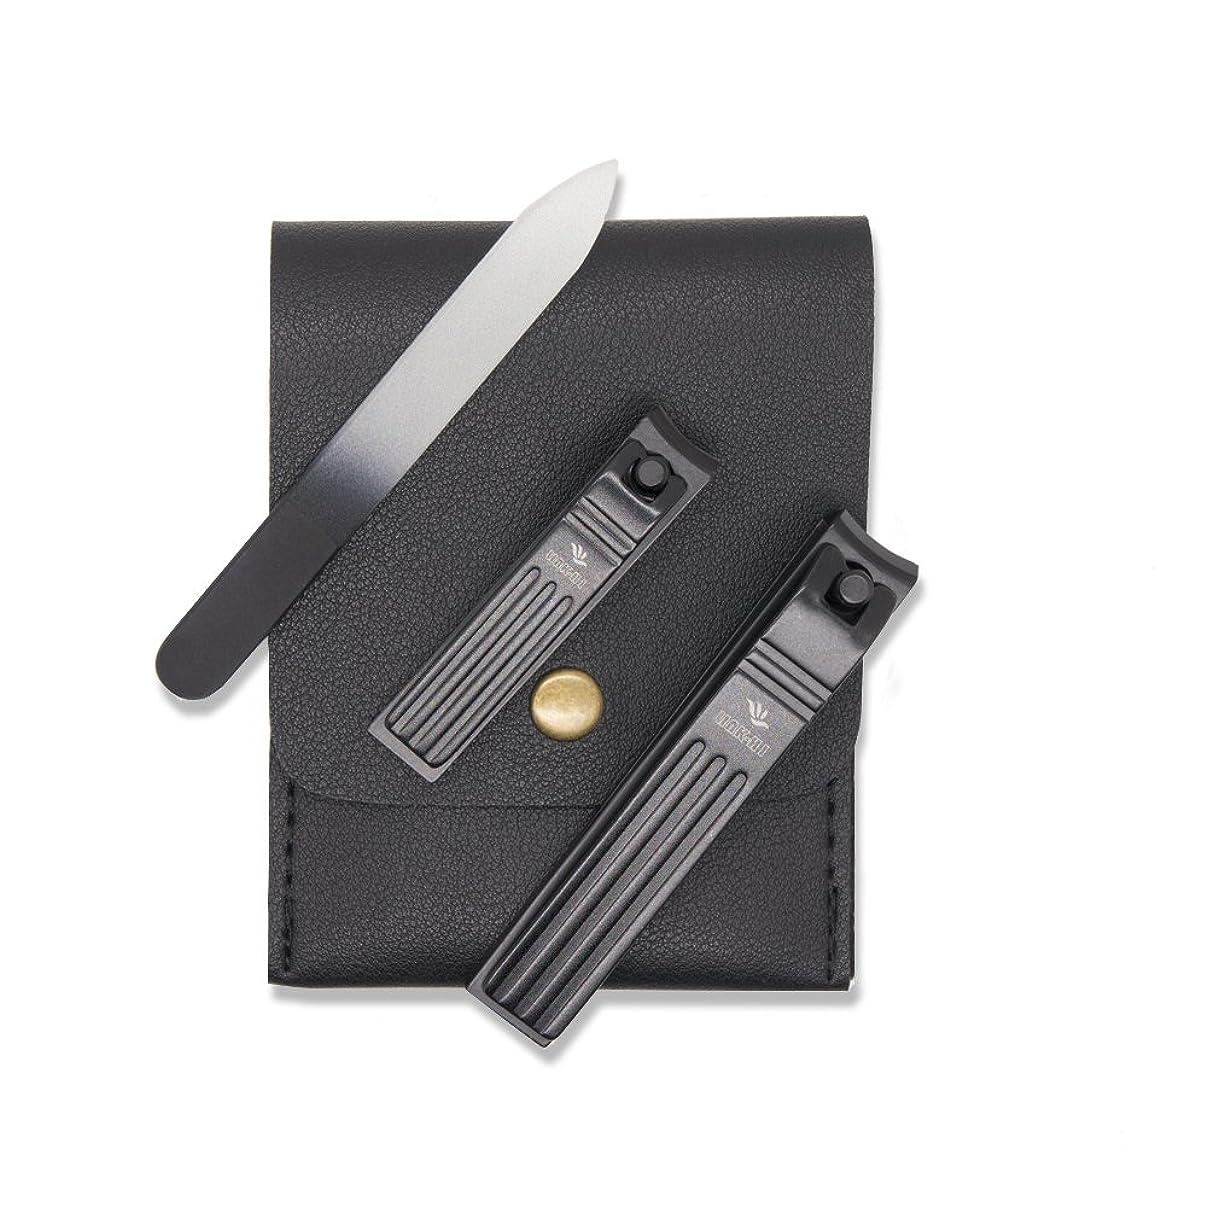 活力土地政府LINK - HI爪クリッパーは、黒いステンレス鋼2 mmの広い顎を開けているカーブした刃指爪と爪爪刃 [並行輸入品]